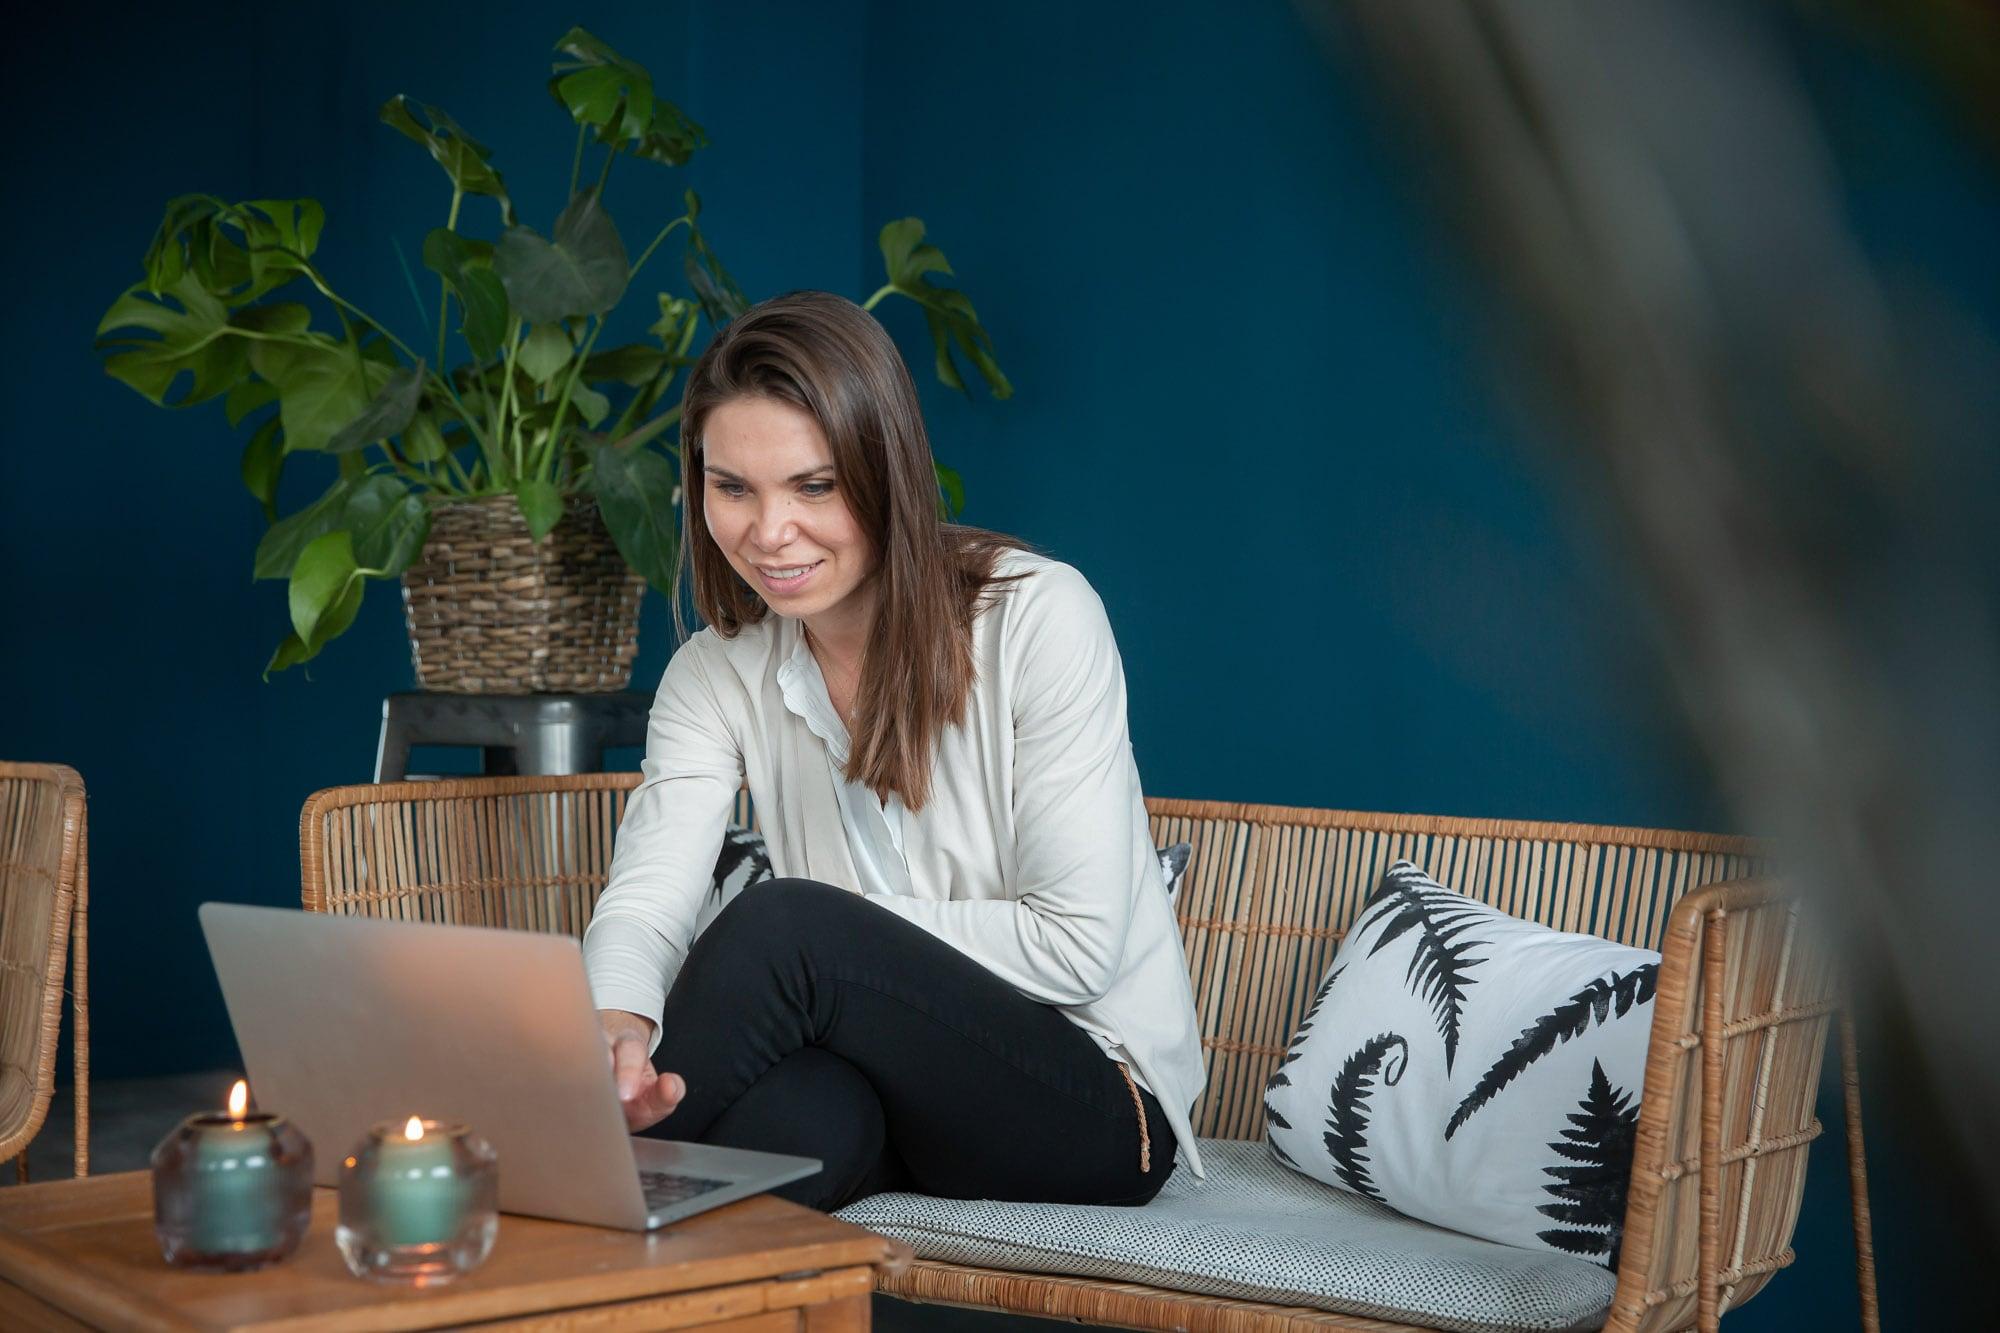 noni Brautkleid kaufen, Moodbild, Frau in Wohnzimmer bei Onlinekauf mit Laptop